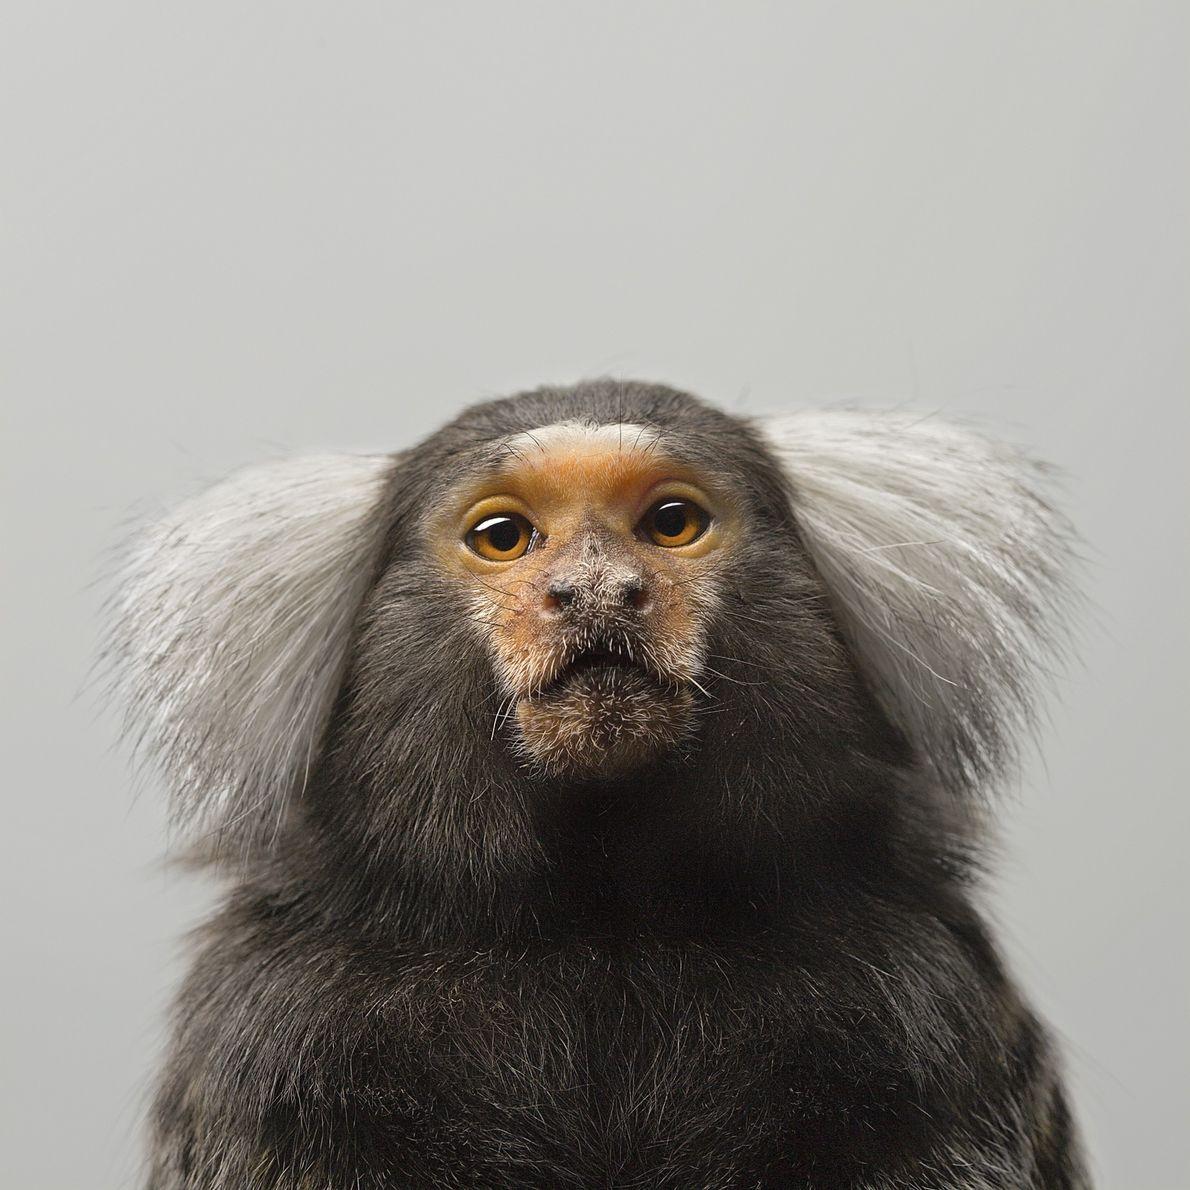 À l'état sauvage, les ouistitis, un type de singes que l'on trouve en Amérique du Sud, ...